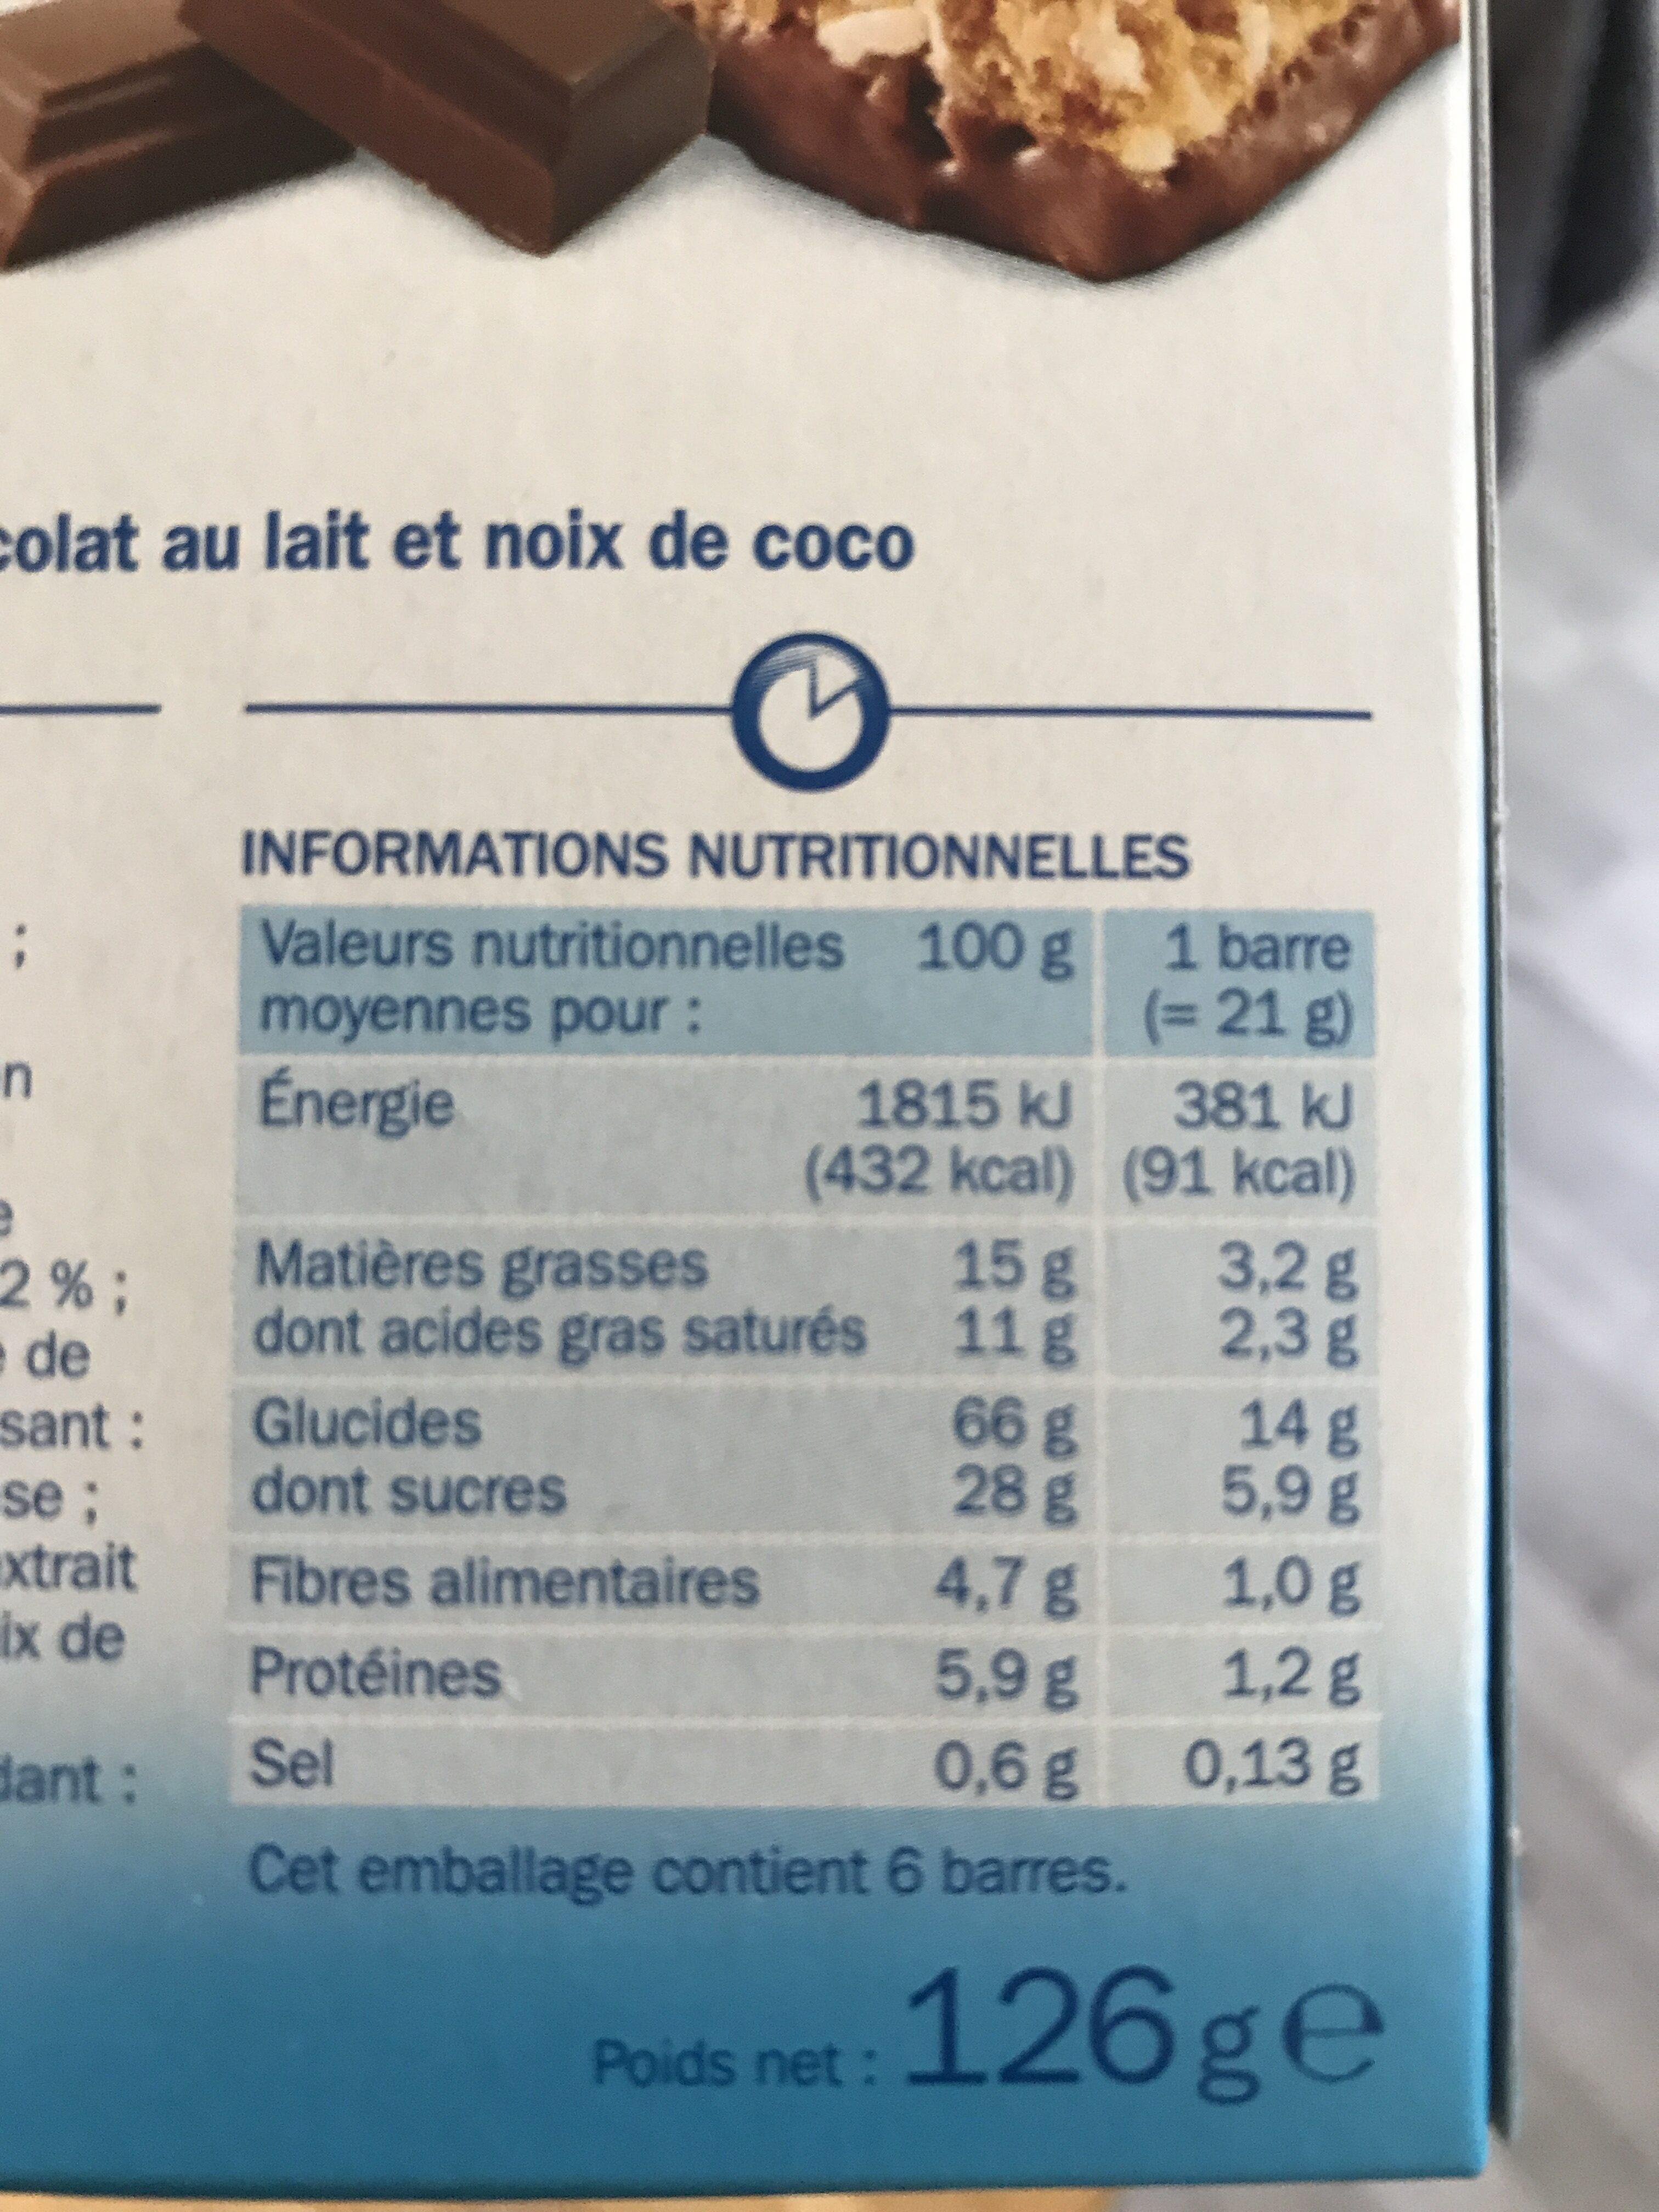 Barres céréales chocolat au lait noix de coco x 6 - Informations nutritionnelles - fr